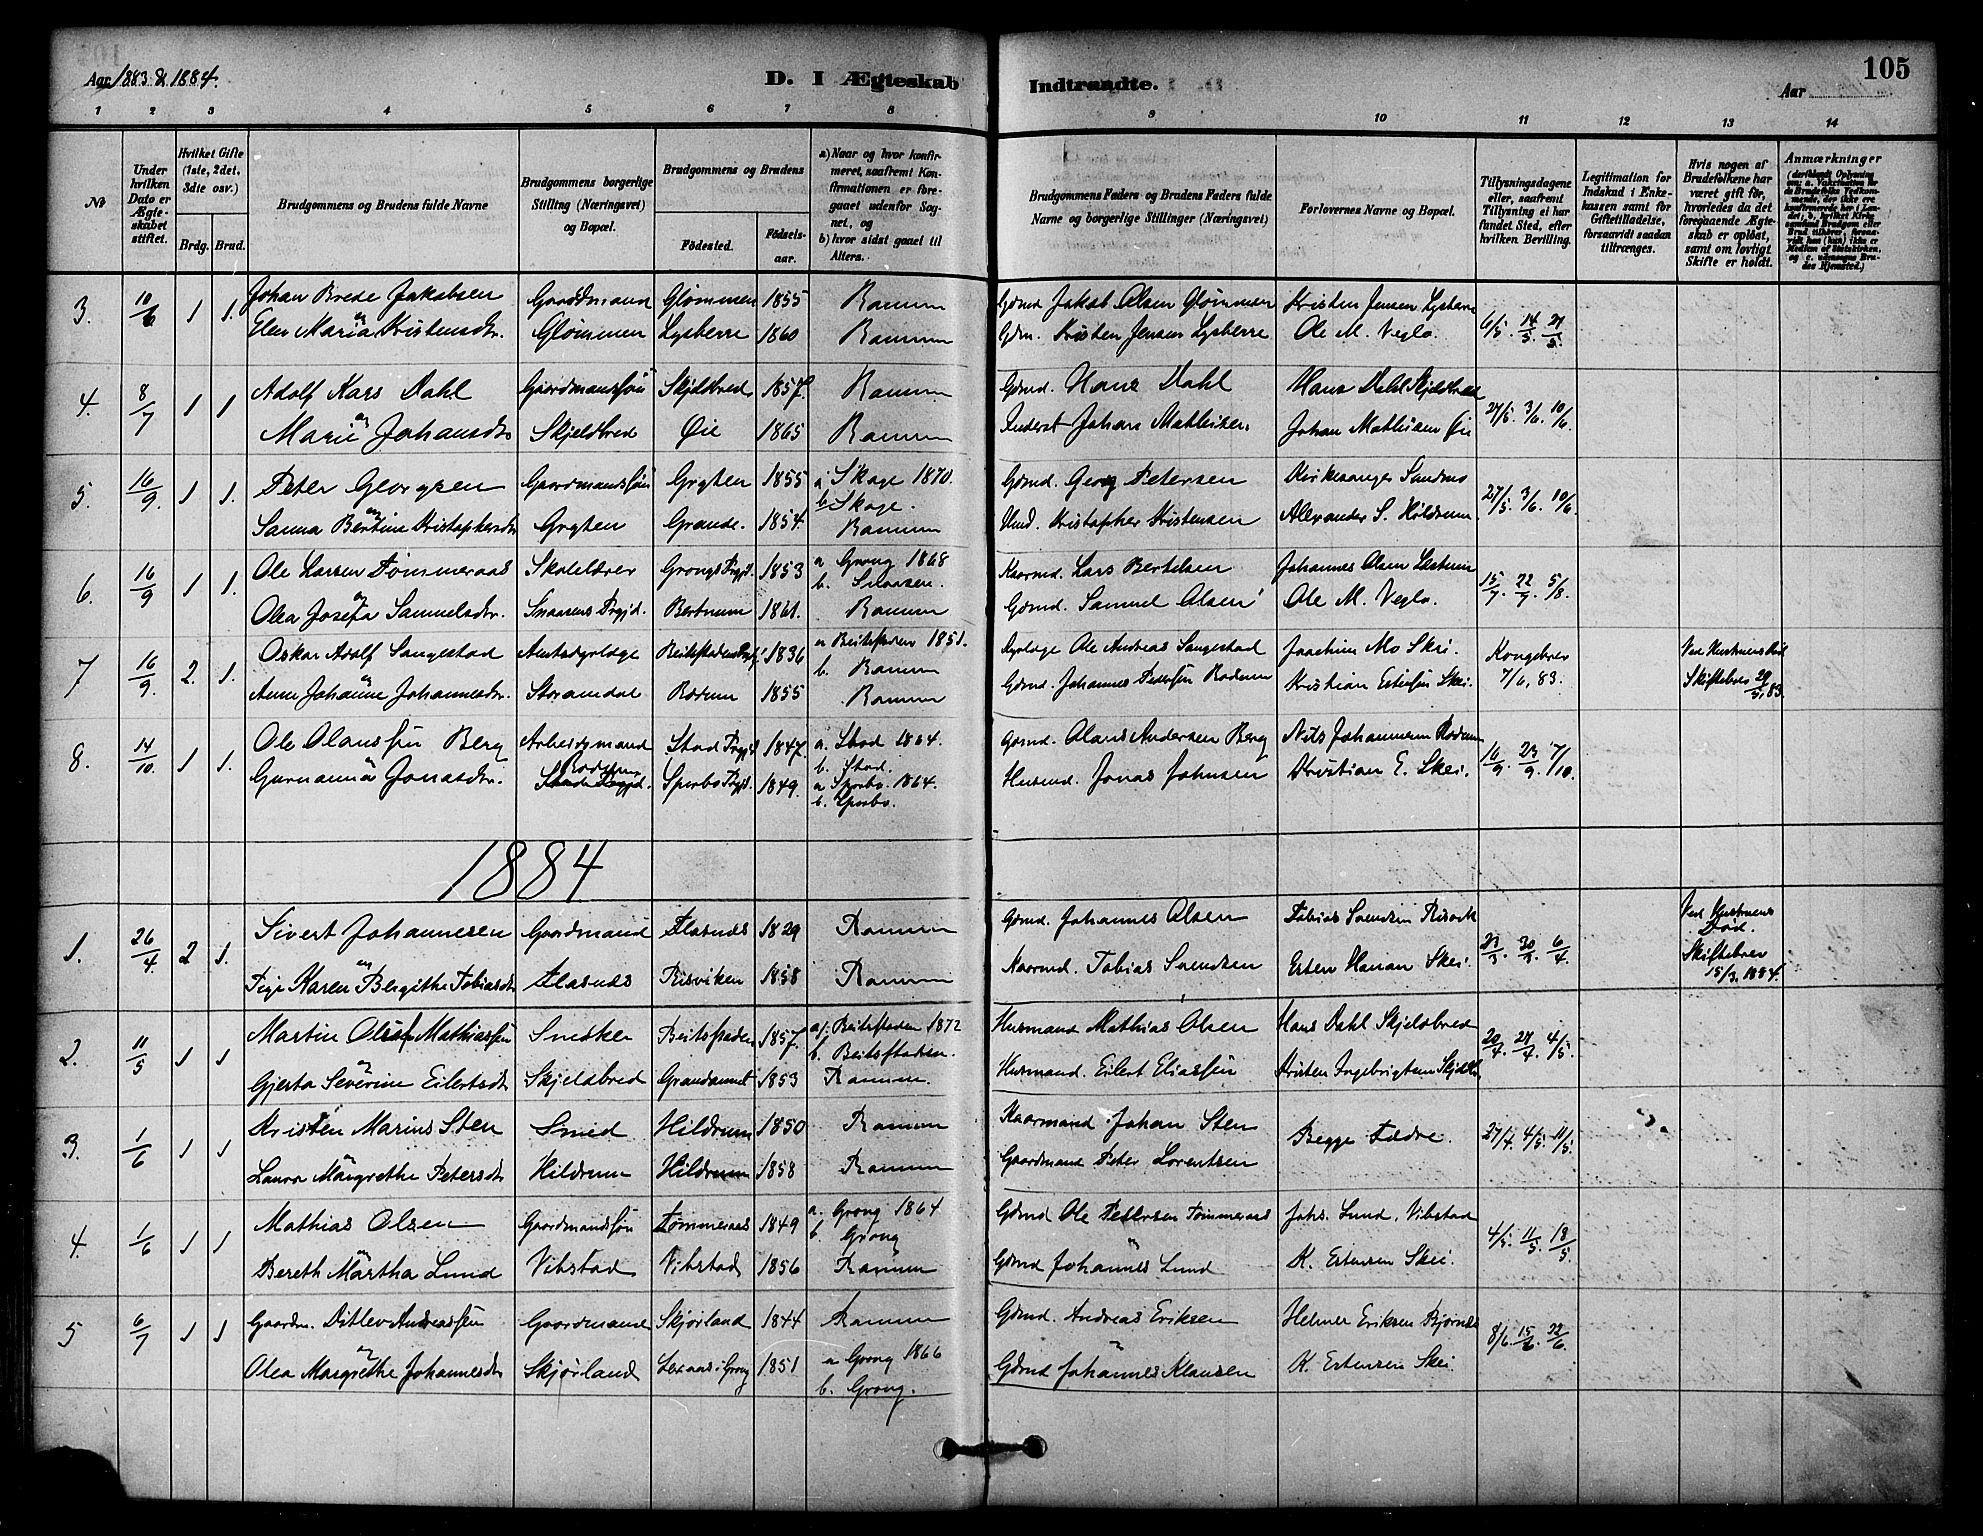 SAT, Ministerialprotokoller, klokkerbøker og fødselsregistre - Nord-Trøndelag, 764/L0555: Ministerialbok nr. 764A10, 1881-1896, s. 105